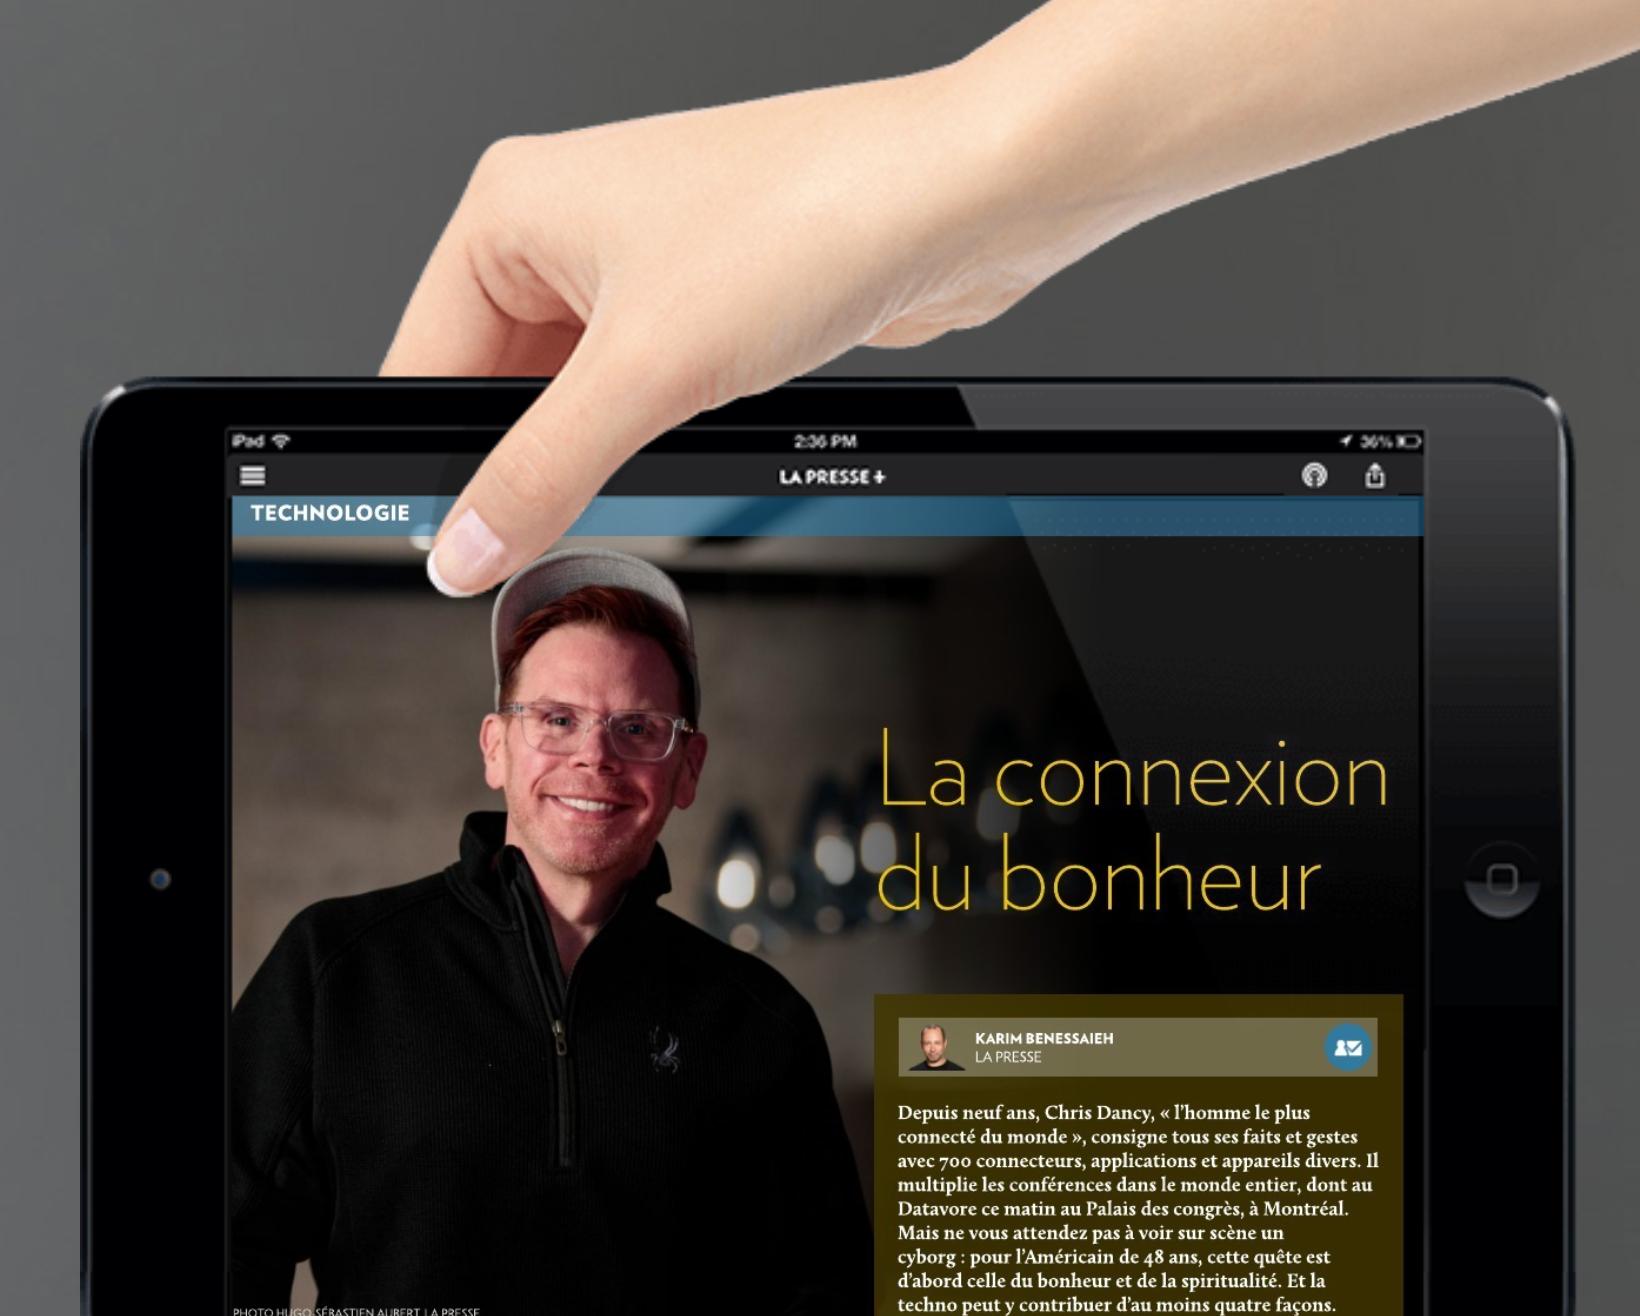 La_connexion_du_bonheur_-_La_Presse_.png